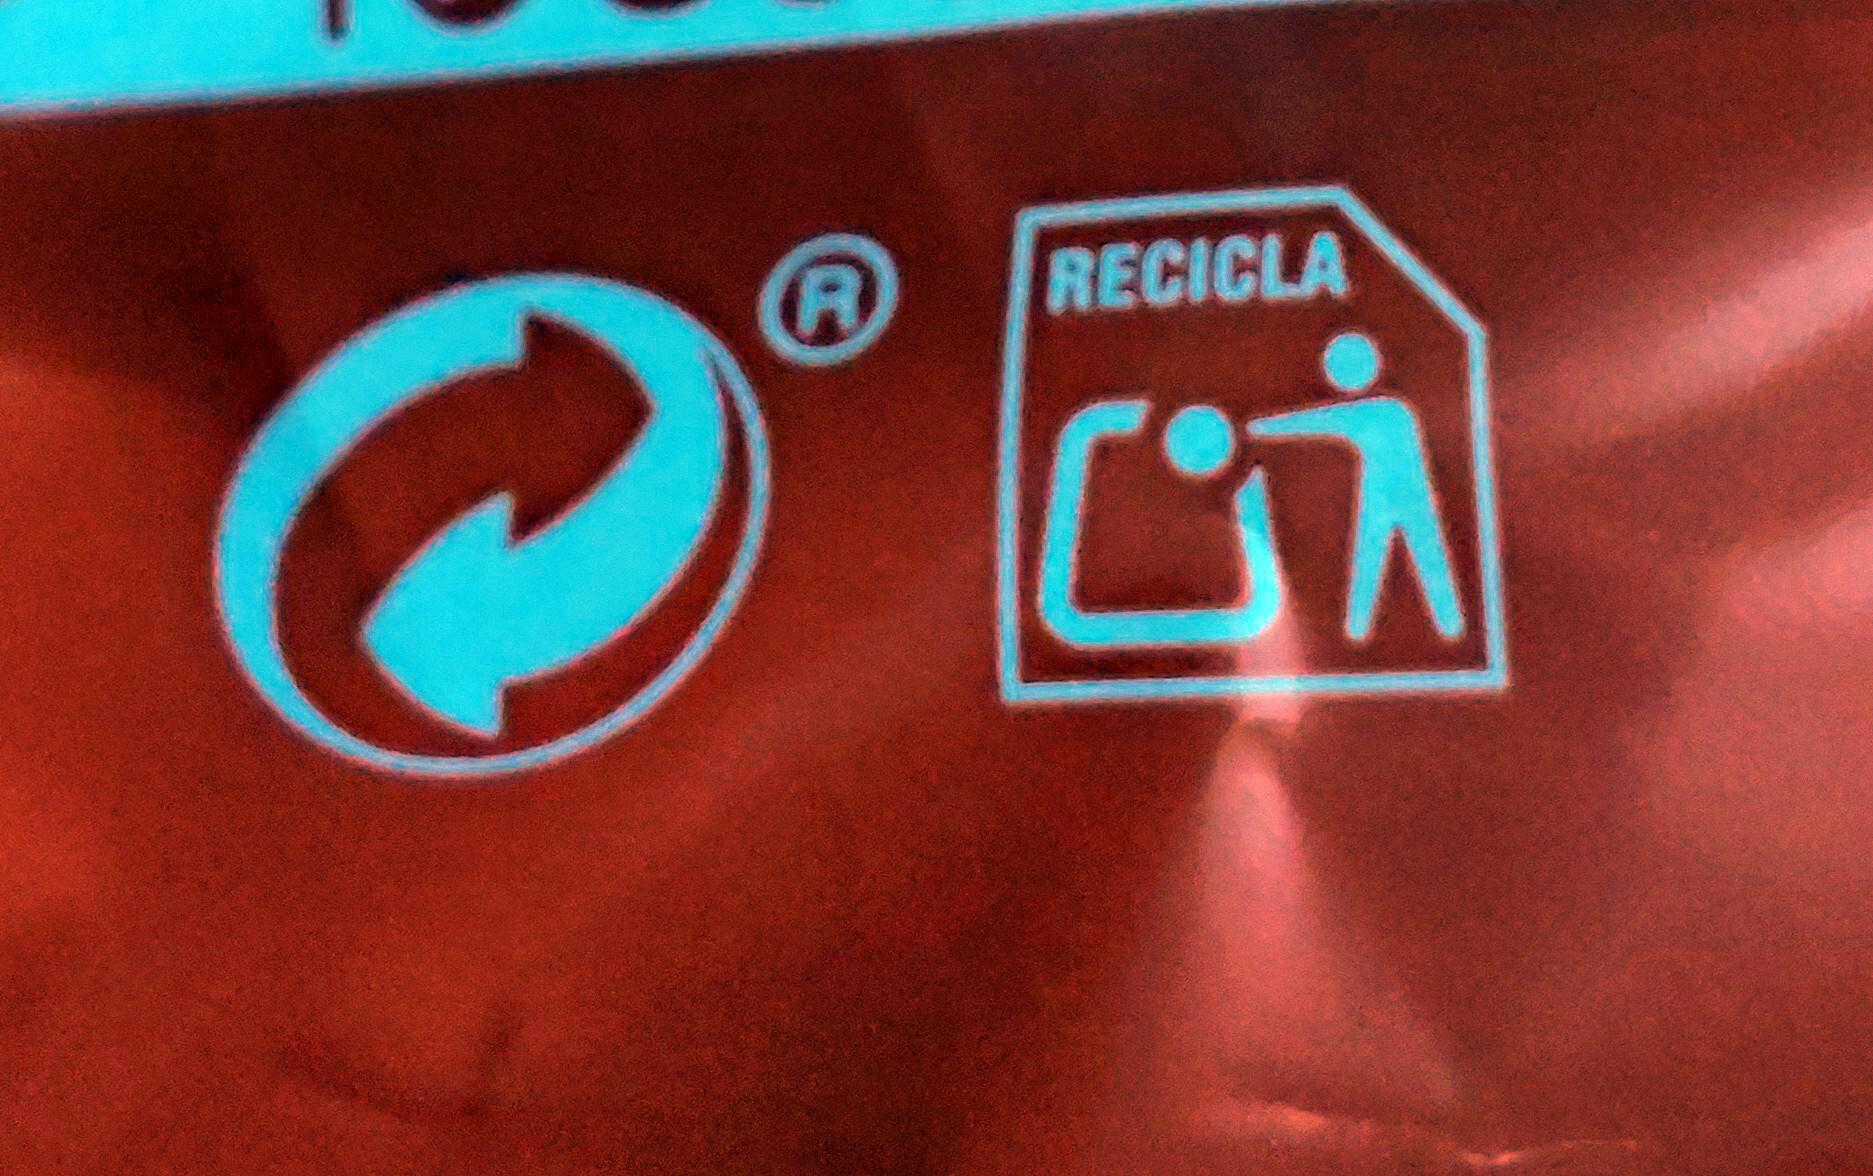 Patatas fritas light - Instruction de recyclage et/ou informations d'emballage - es